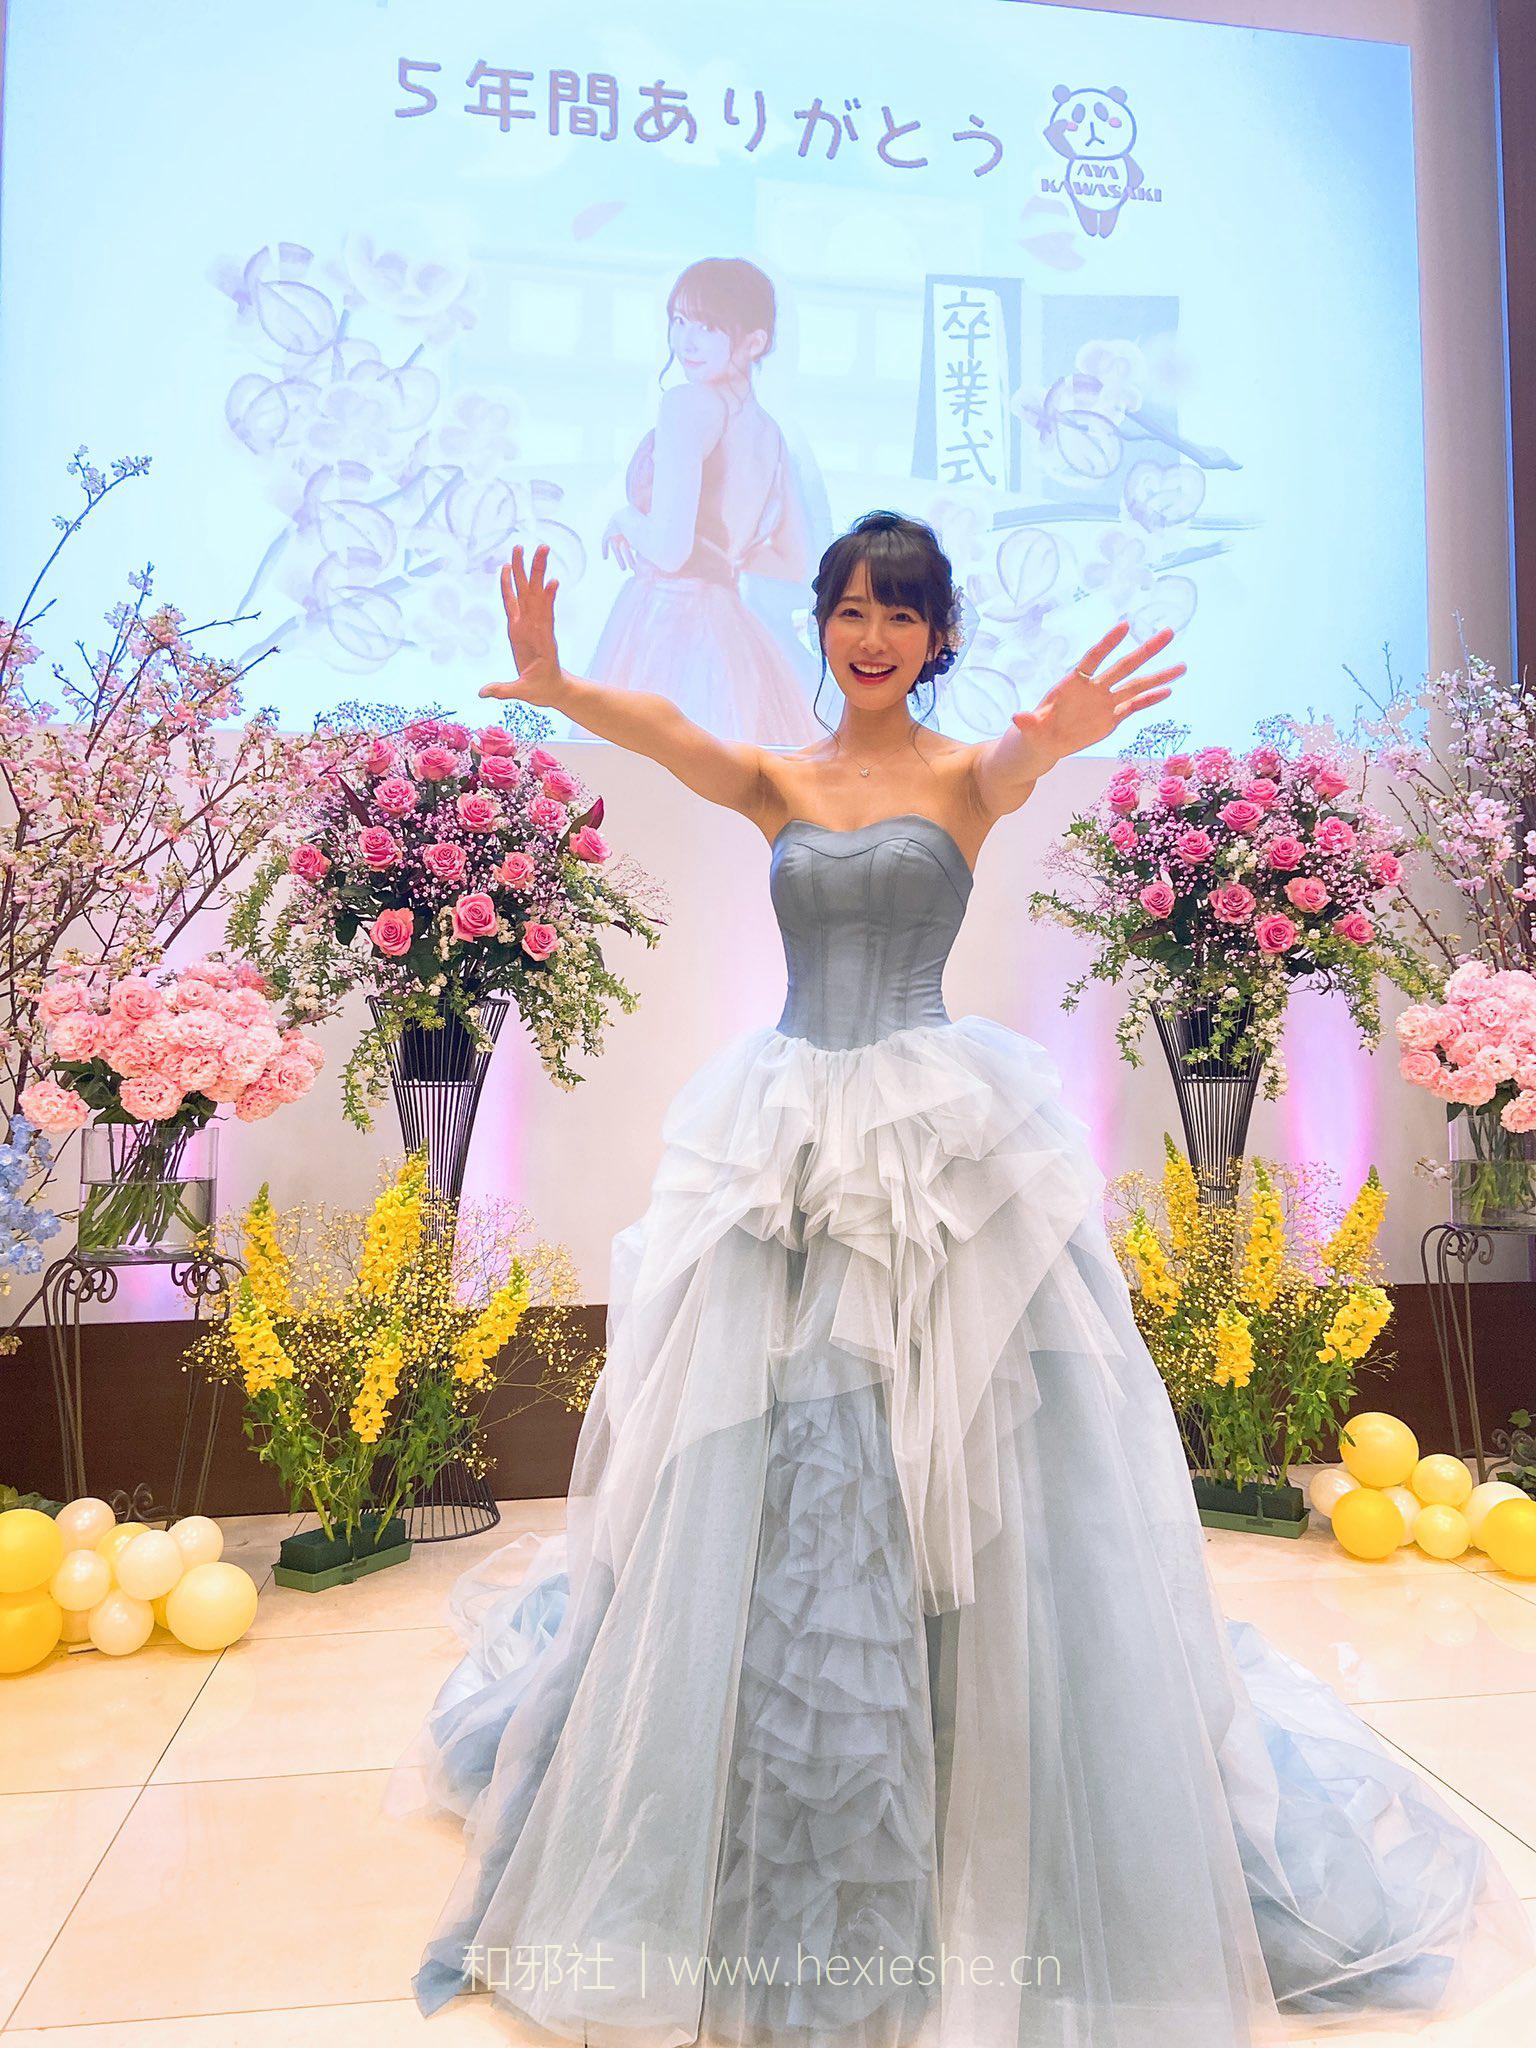 日本写真美少女川崎绫( 川崎あや)宣布引退 希望下个奥运会前结婚